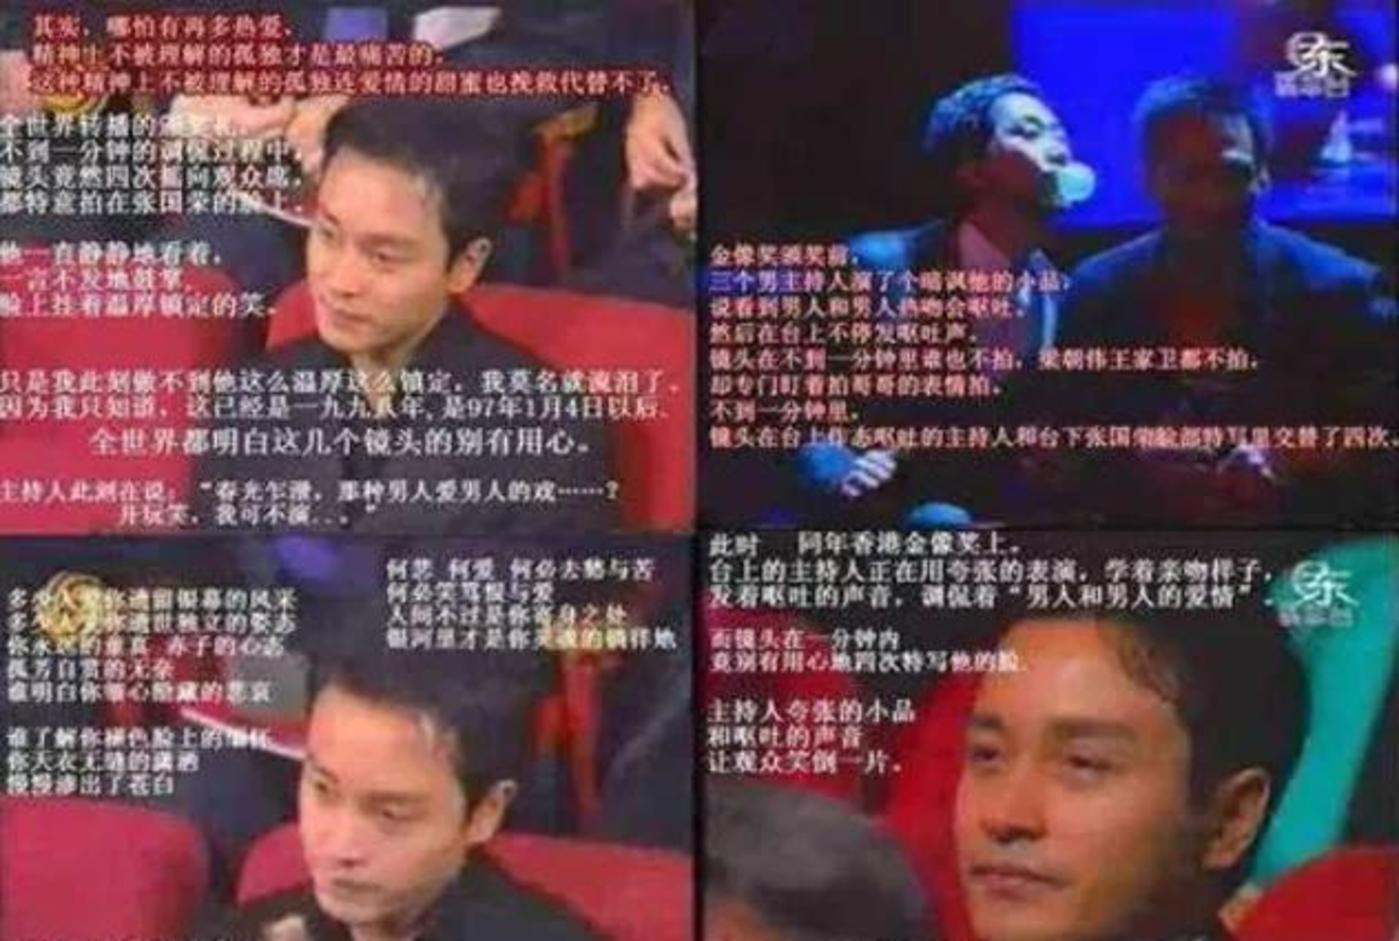 张国荣:一别17年,你若尚在场,春天该很好-有朝壹日